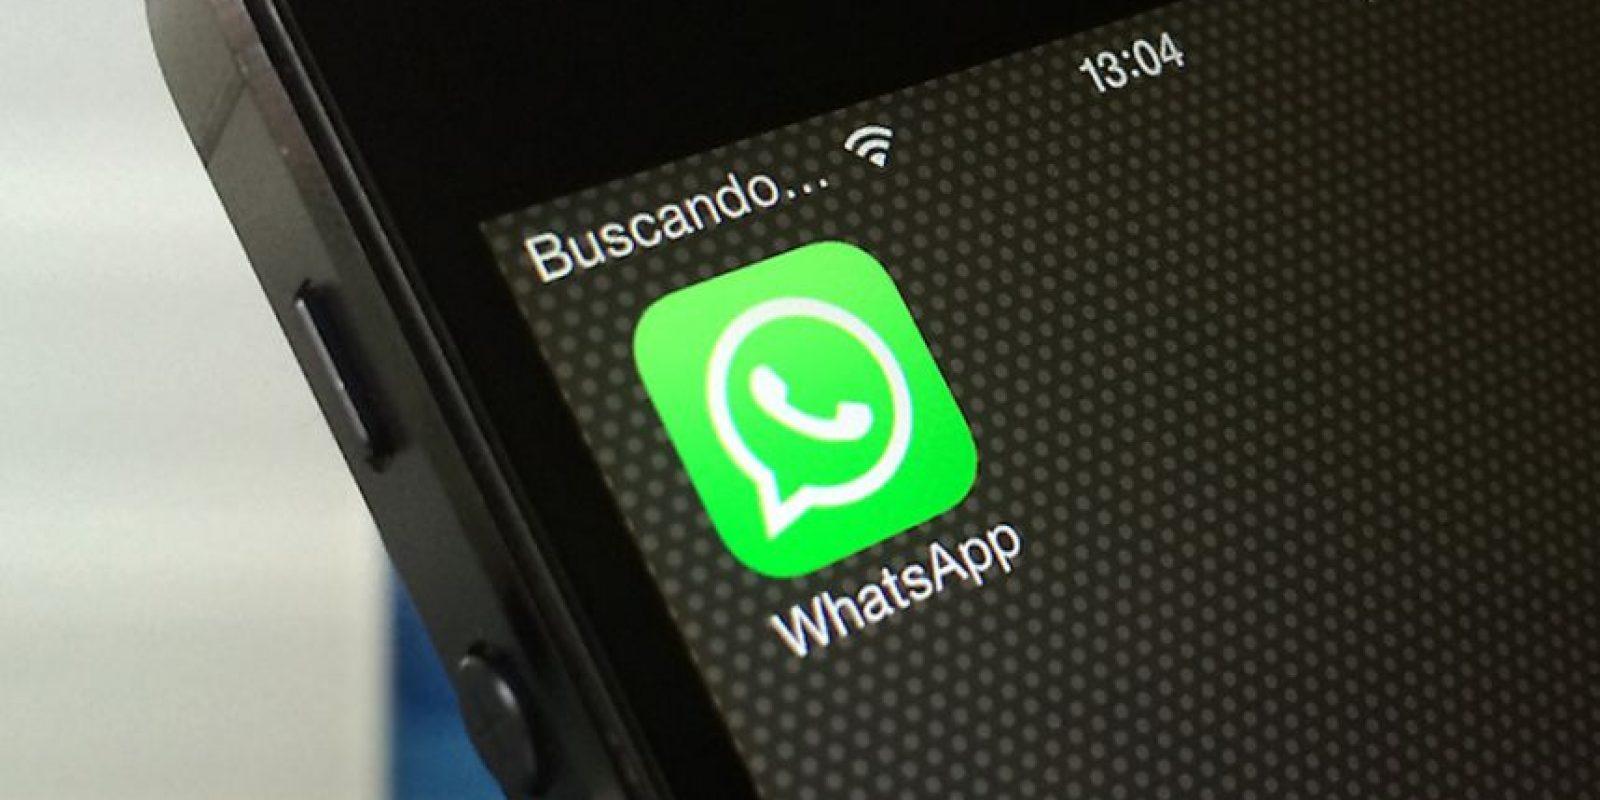 Las llamadas son gratuitas si utilizan Wi-Fi, de lo contrario utilizará sus datos móviles. Foto:AFP